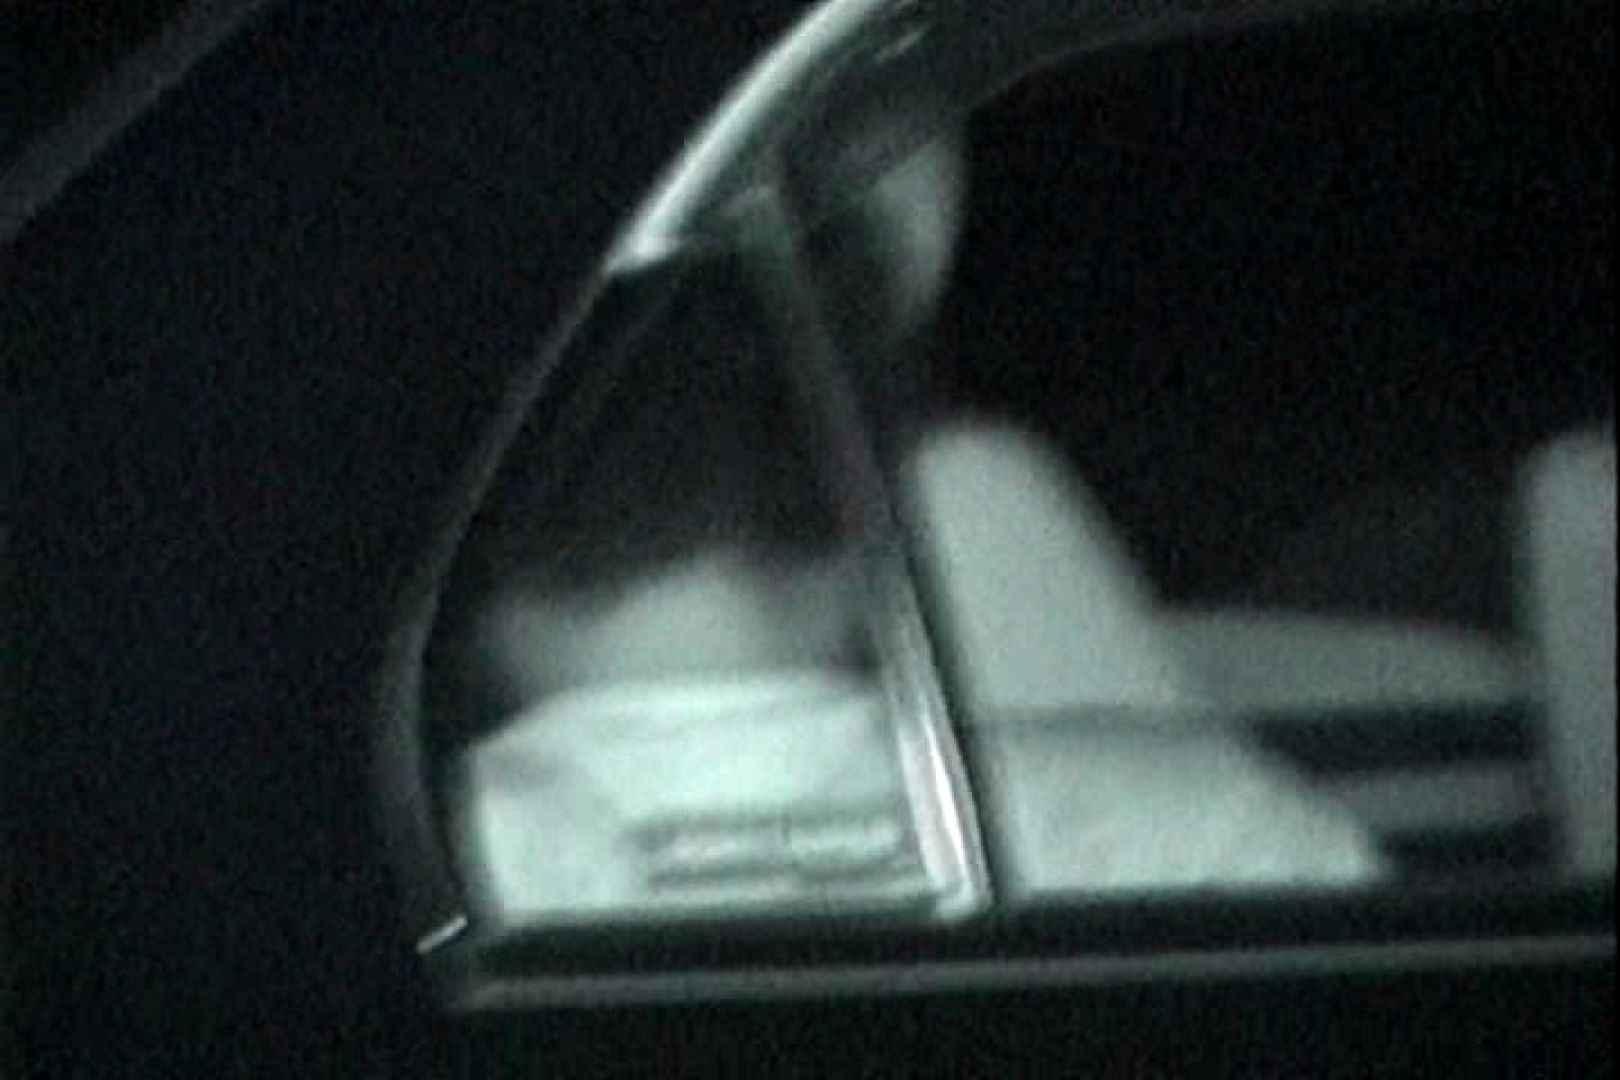 充血監督の深夜の運動会Vol.144 エロティックなOL オマンコ動画キャプチャ 62画像 18